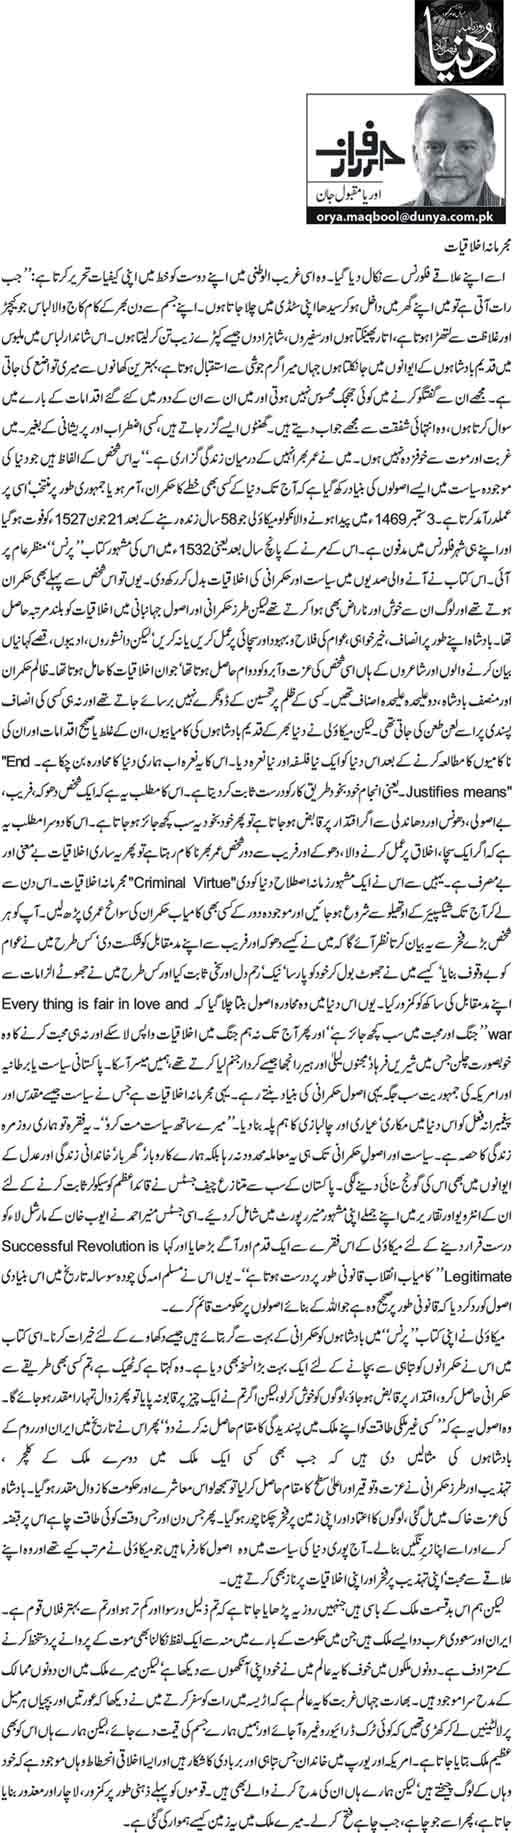 Mujrimana ikhlaqiyyat - Orya Maqbool Jan